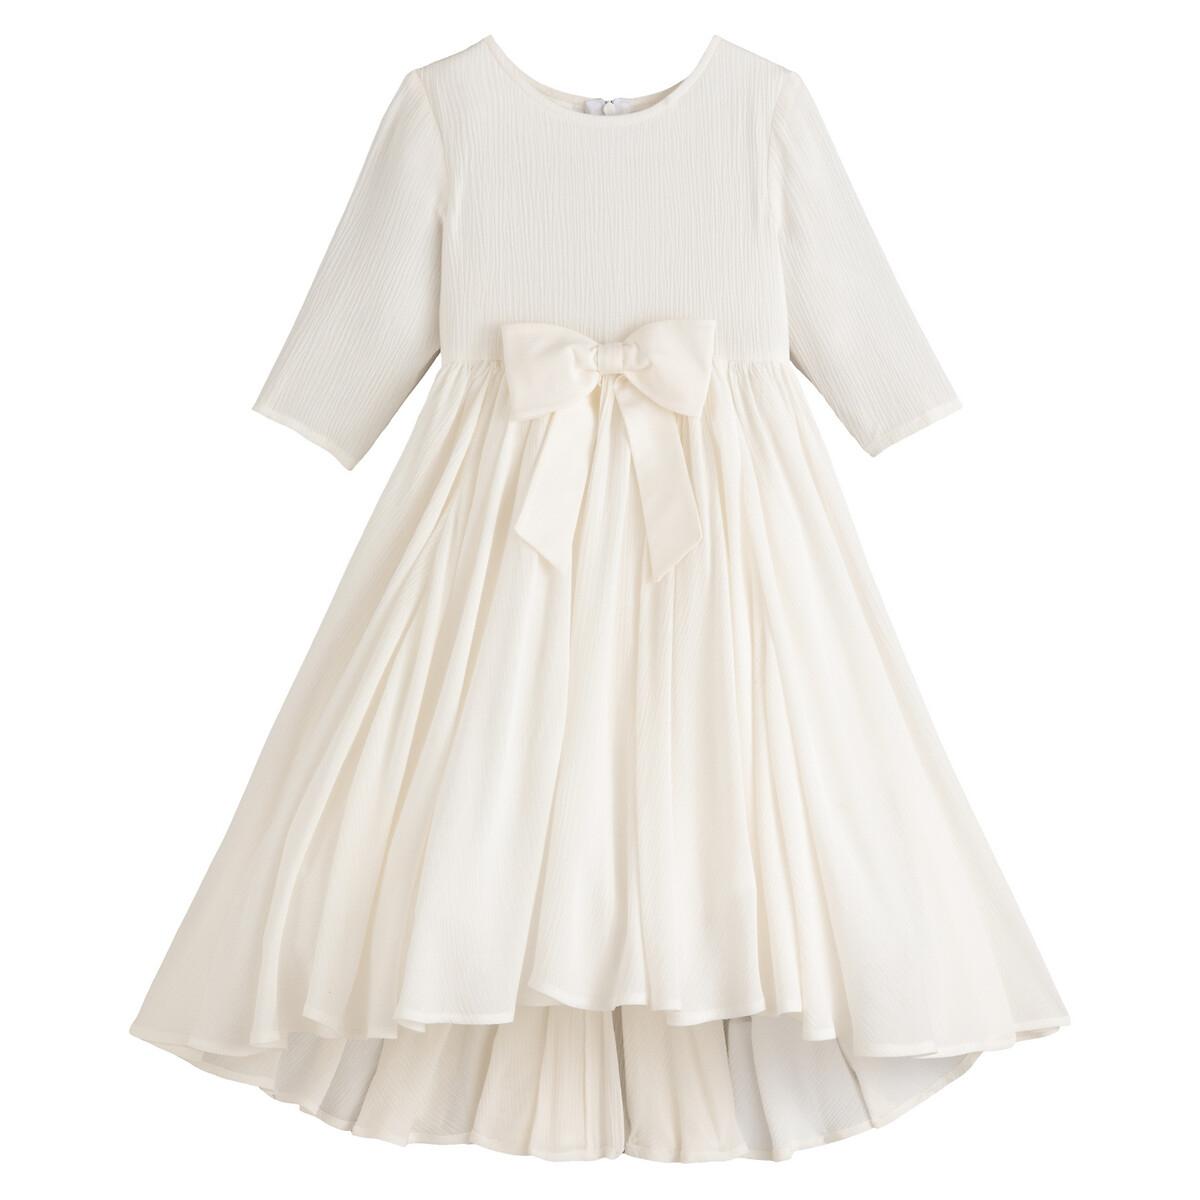 Асимметричное LaRedoute Платье с рукавами 34 214 лет 4 года - 102 см бежевый